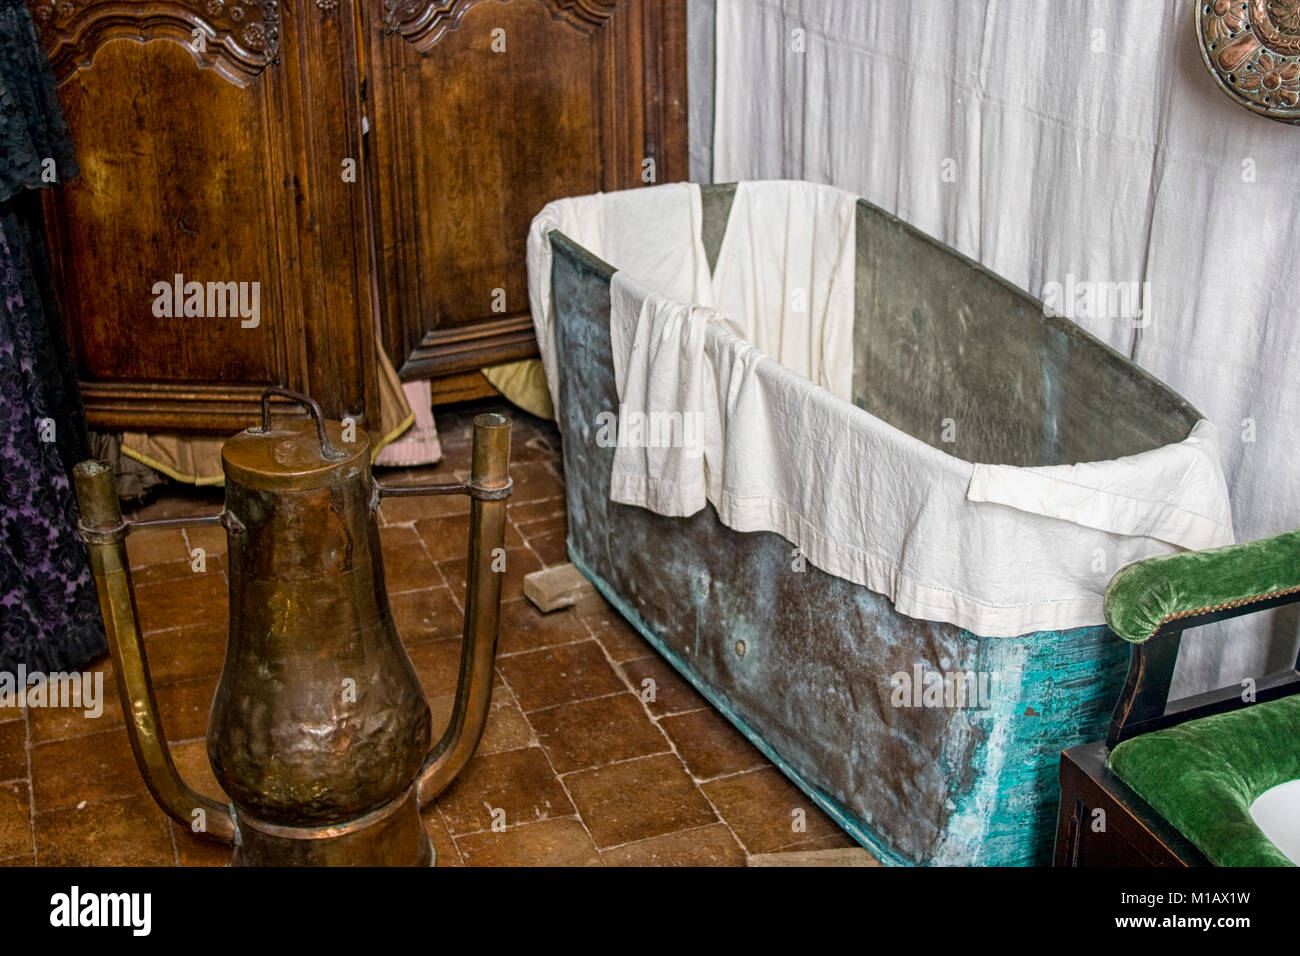 Vasca Da Bagno Metallo : Bagno dal xvii secolo in francia con una vasca da bagno in metallo